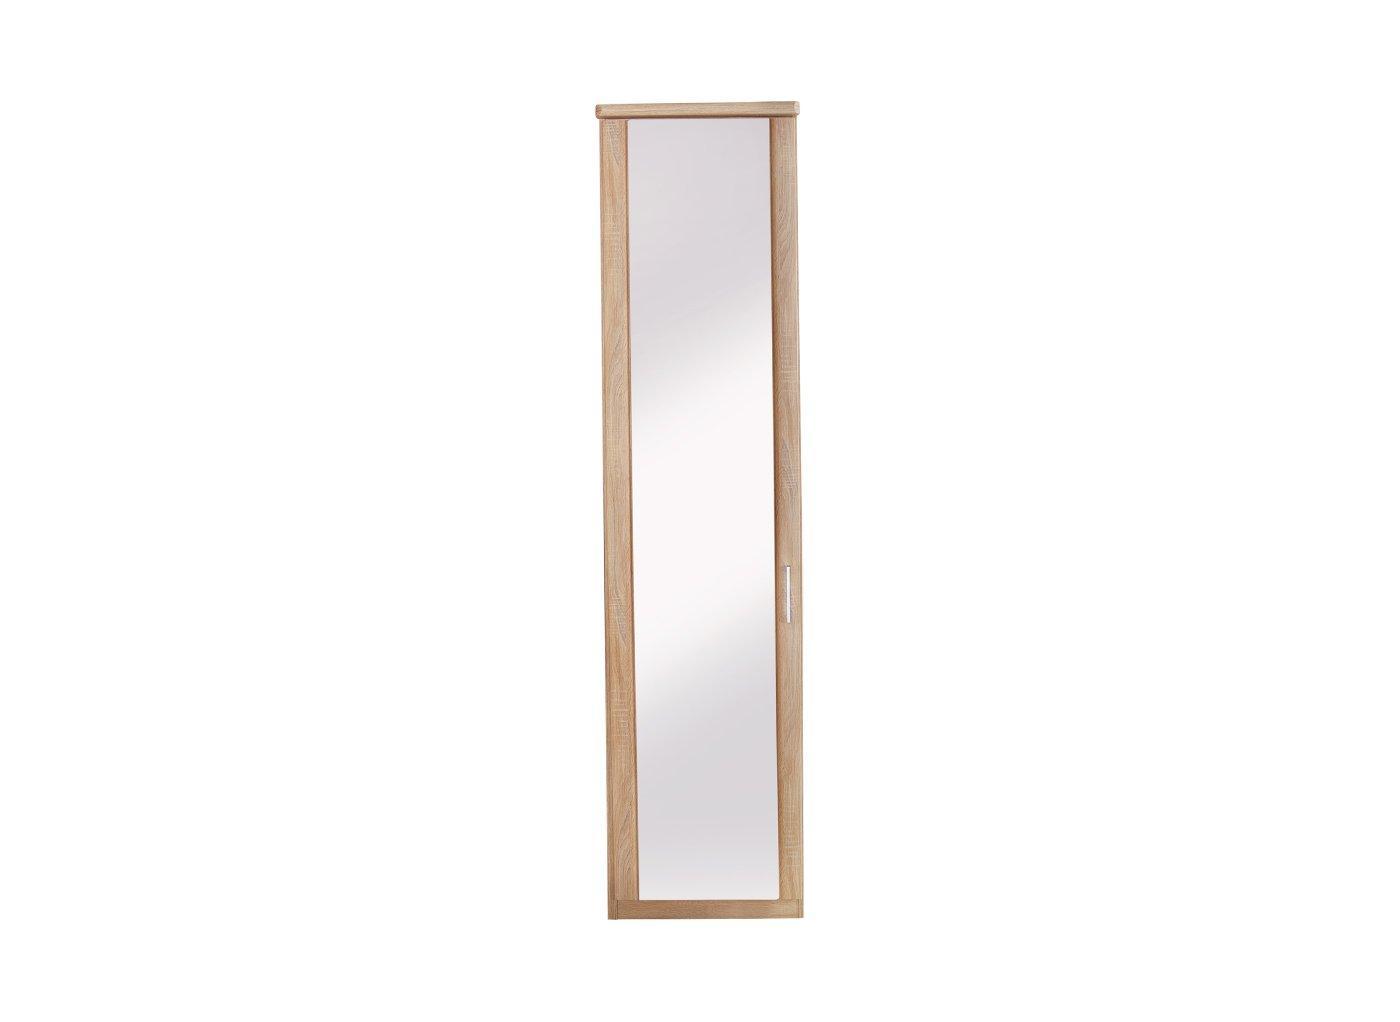 florida-1-door-wardrobe-with-mirrored-door